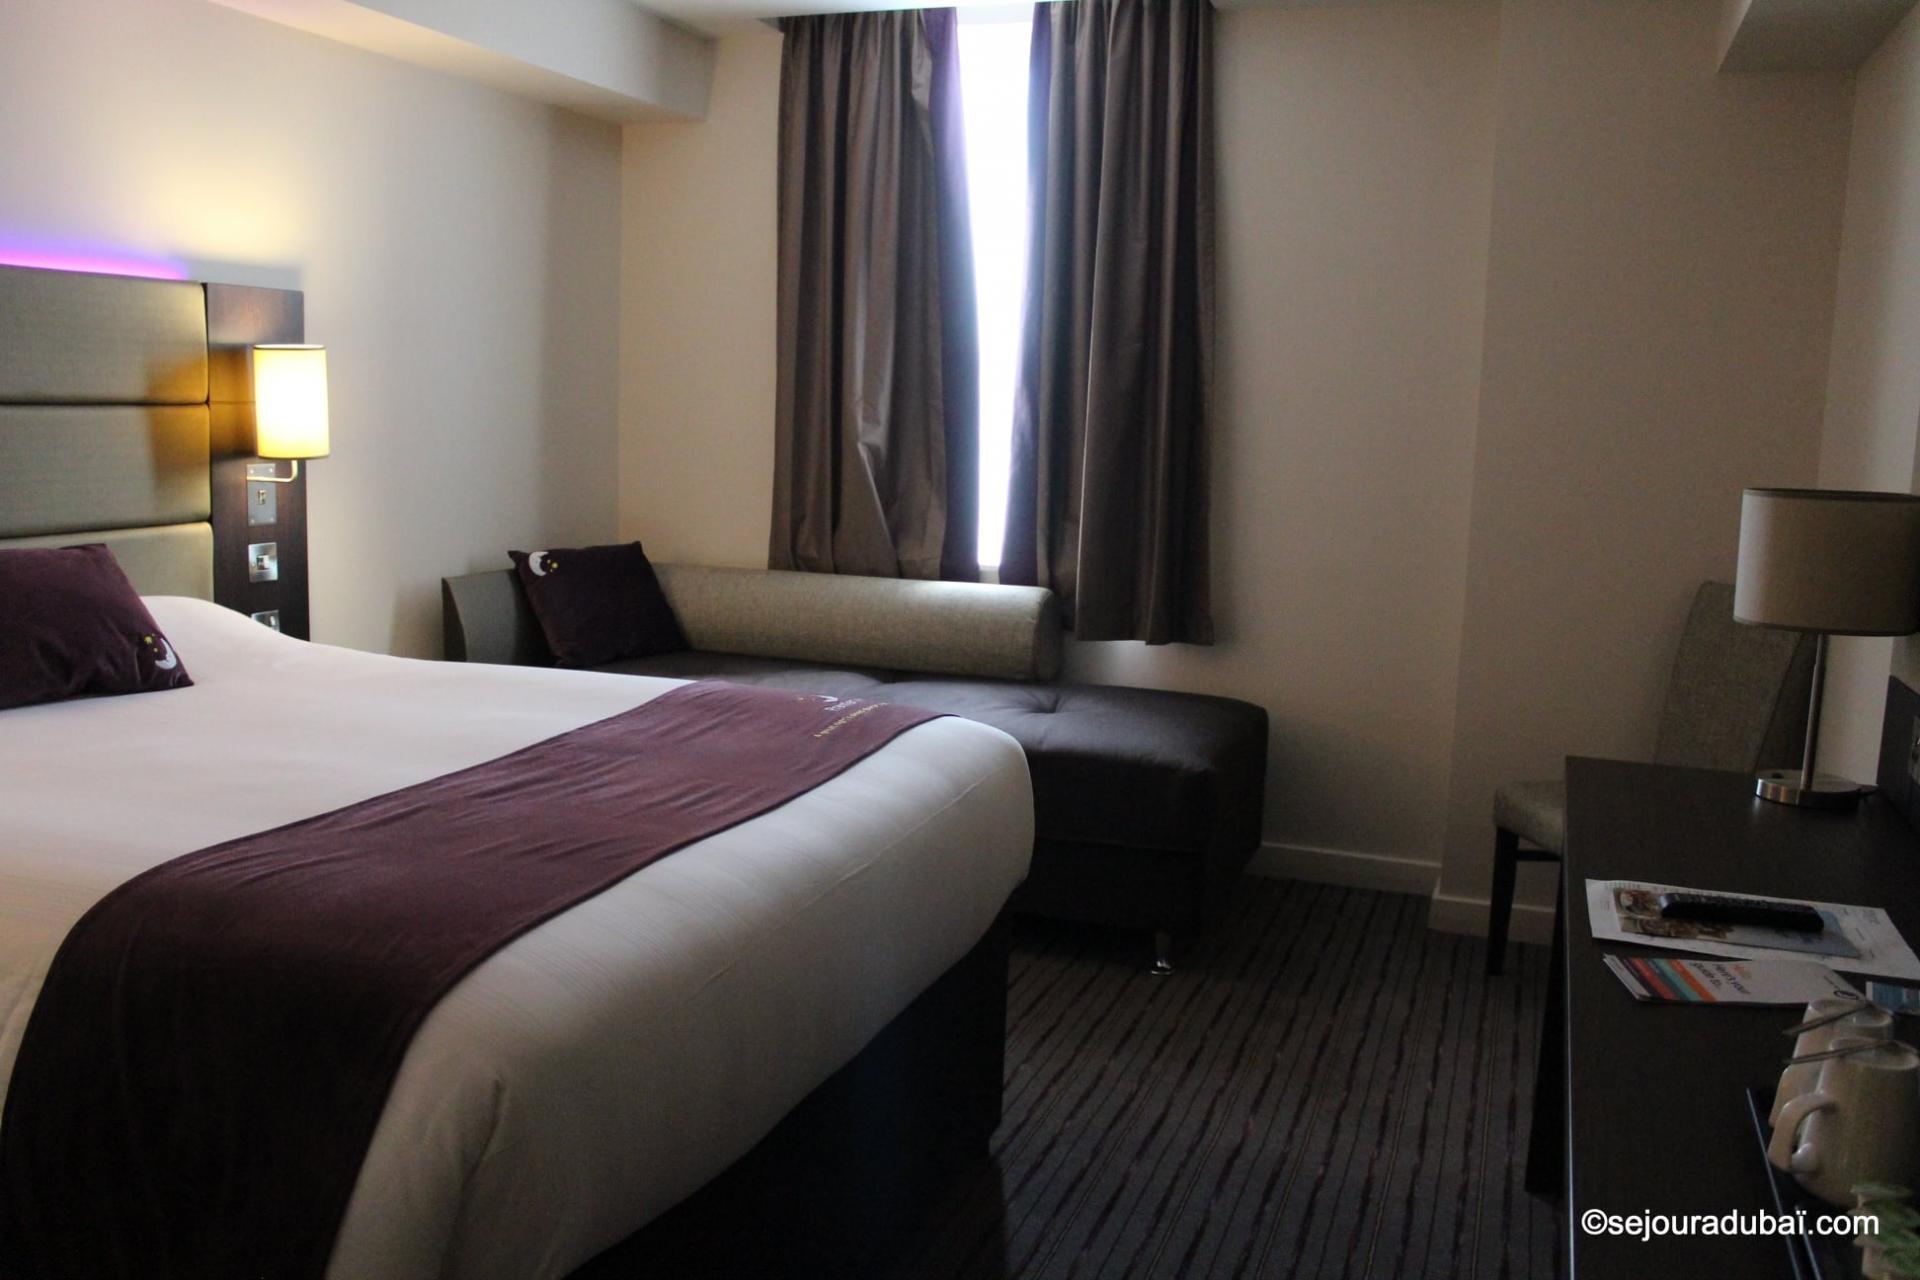 Premier inn hotel dubai